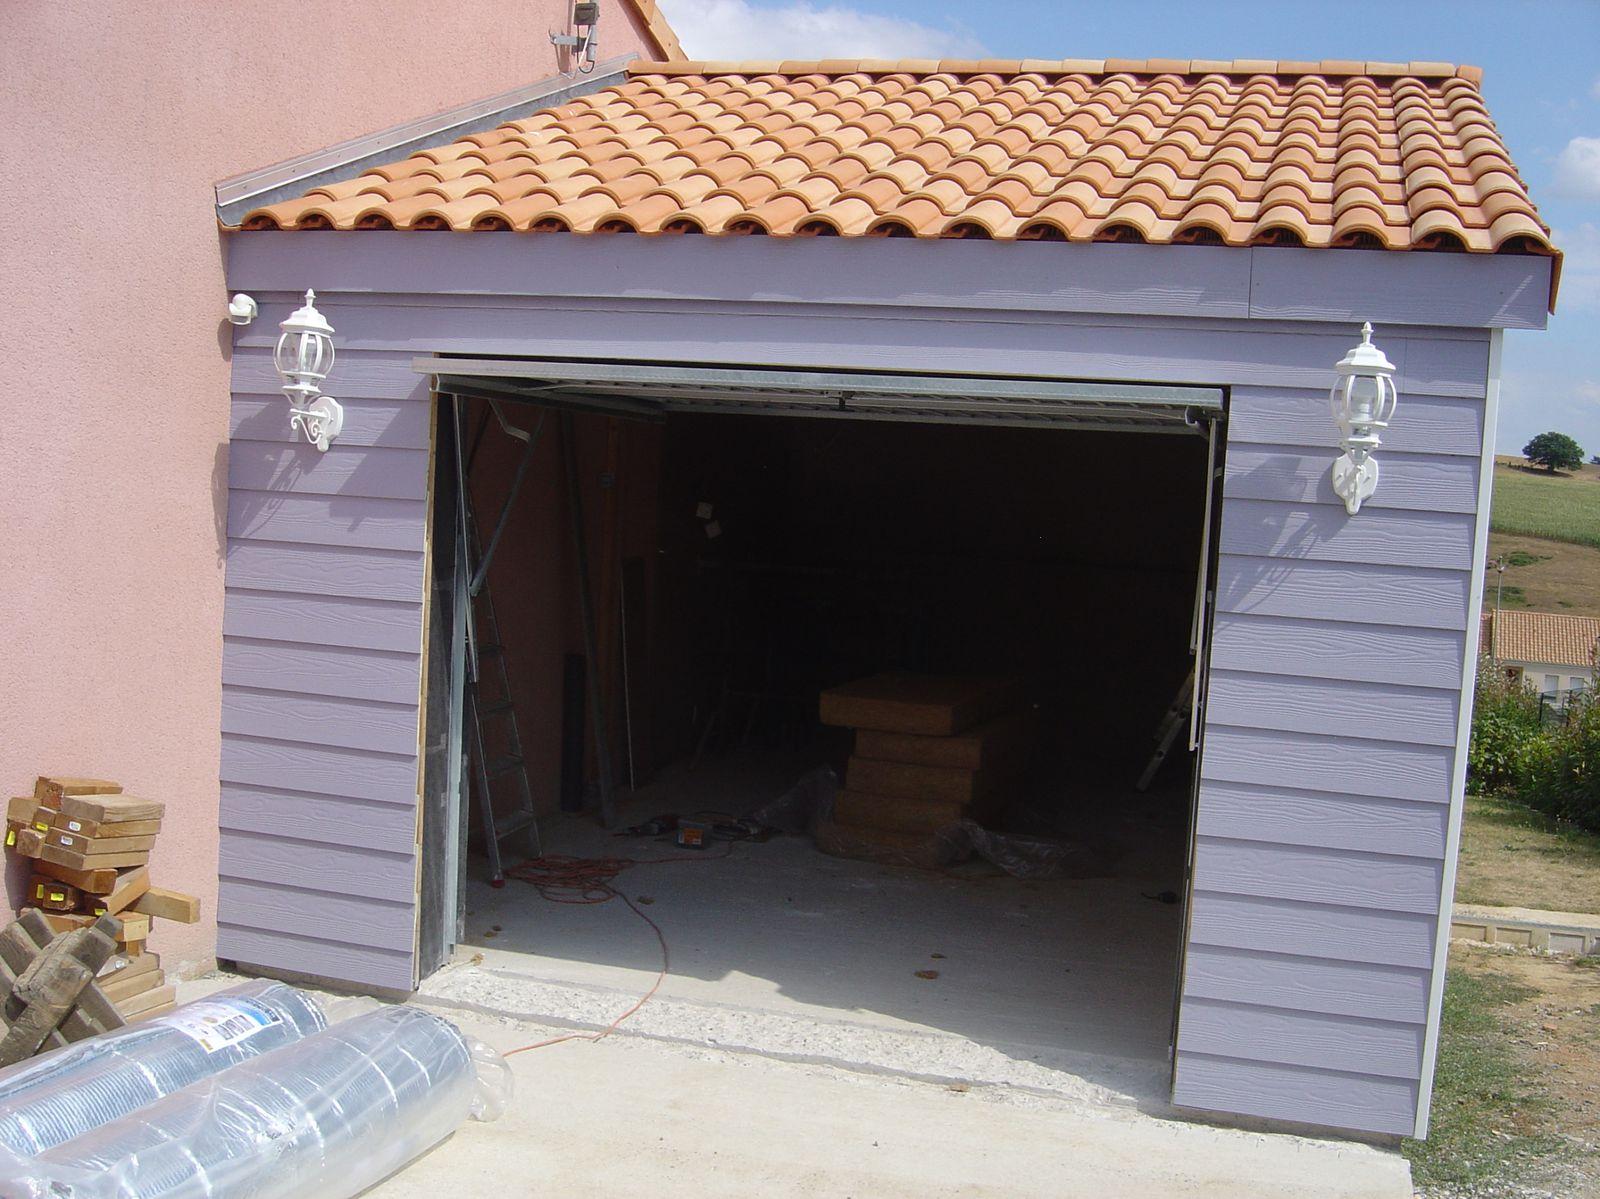 Maison parpaing bois perfect parpaing bois massif with for Eclairage exterieur garage